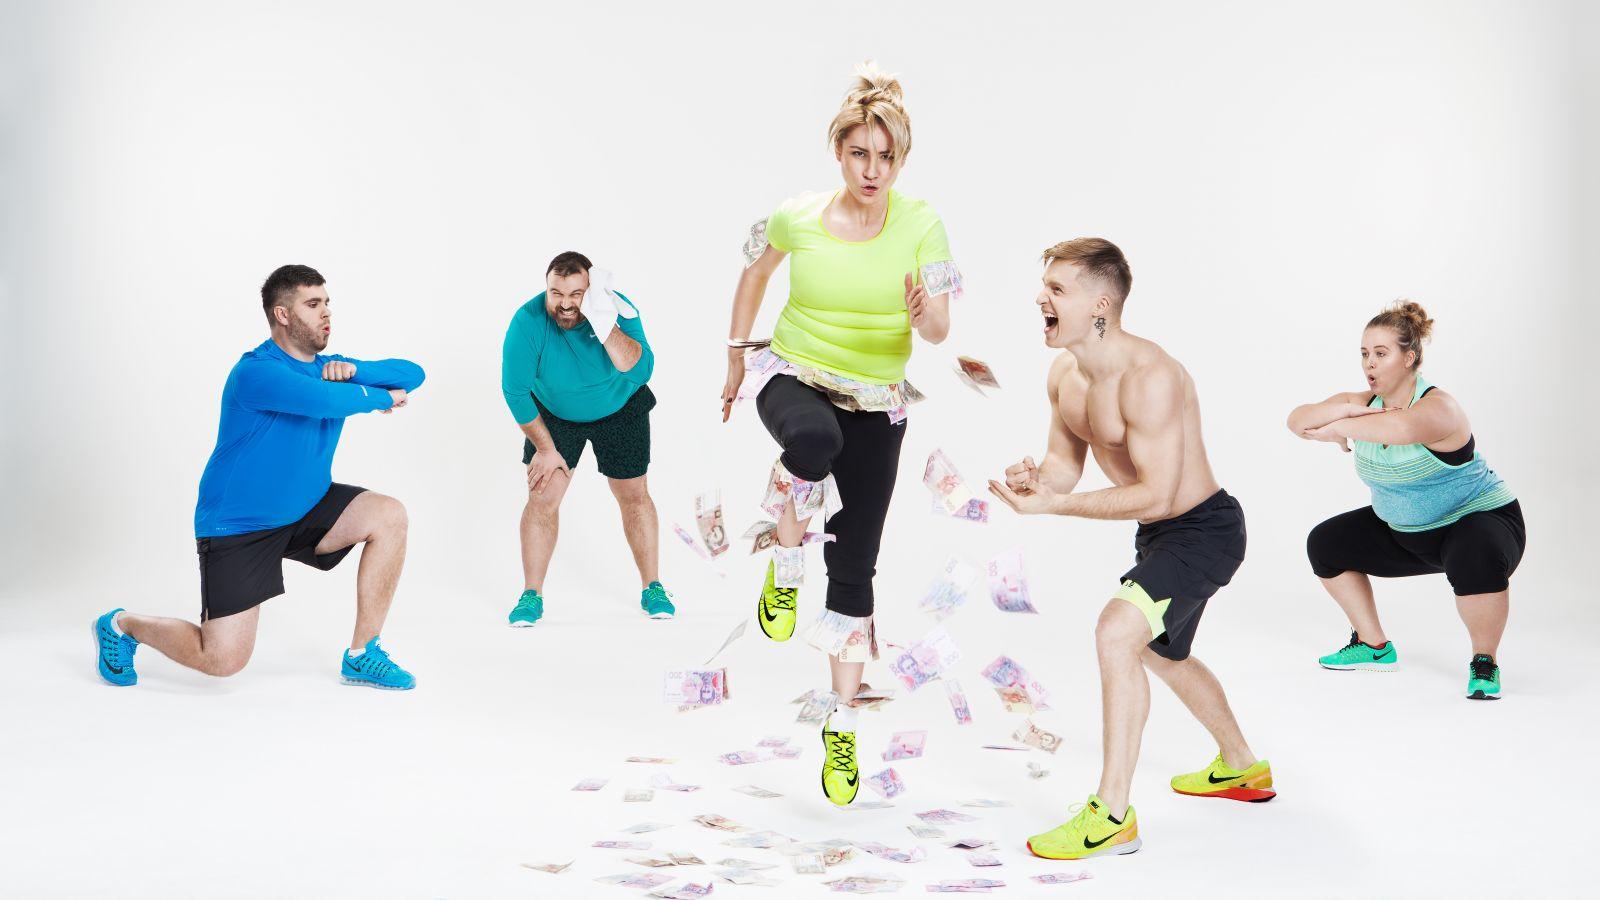 """Мощный мотиватор: похудей с фитнес-программой """"Рывок"""" и получи 20000 гривен"""